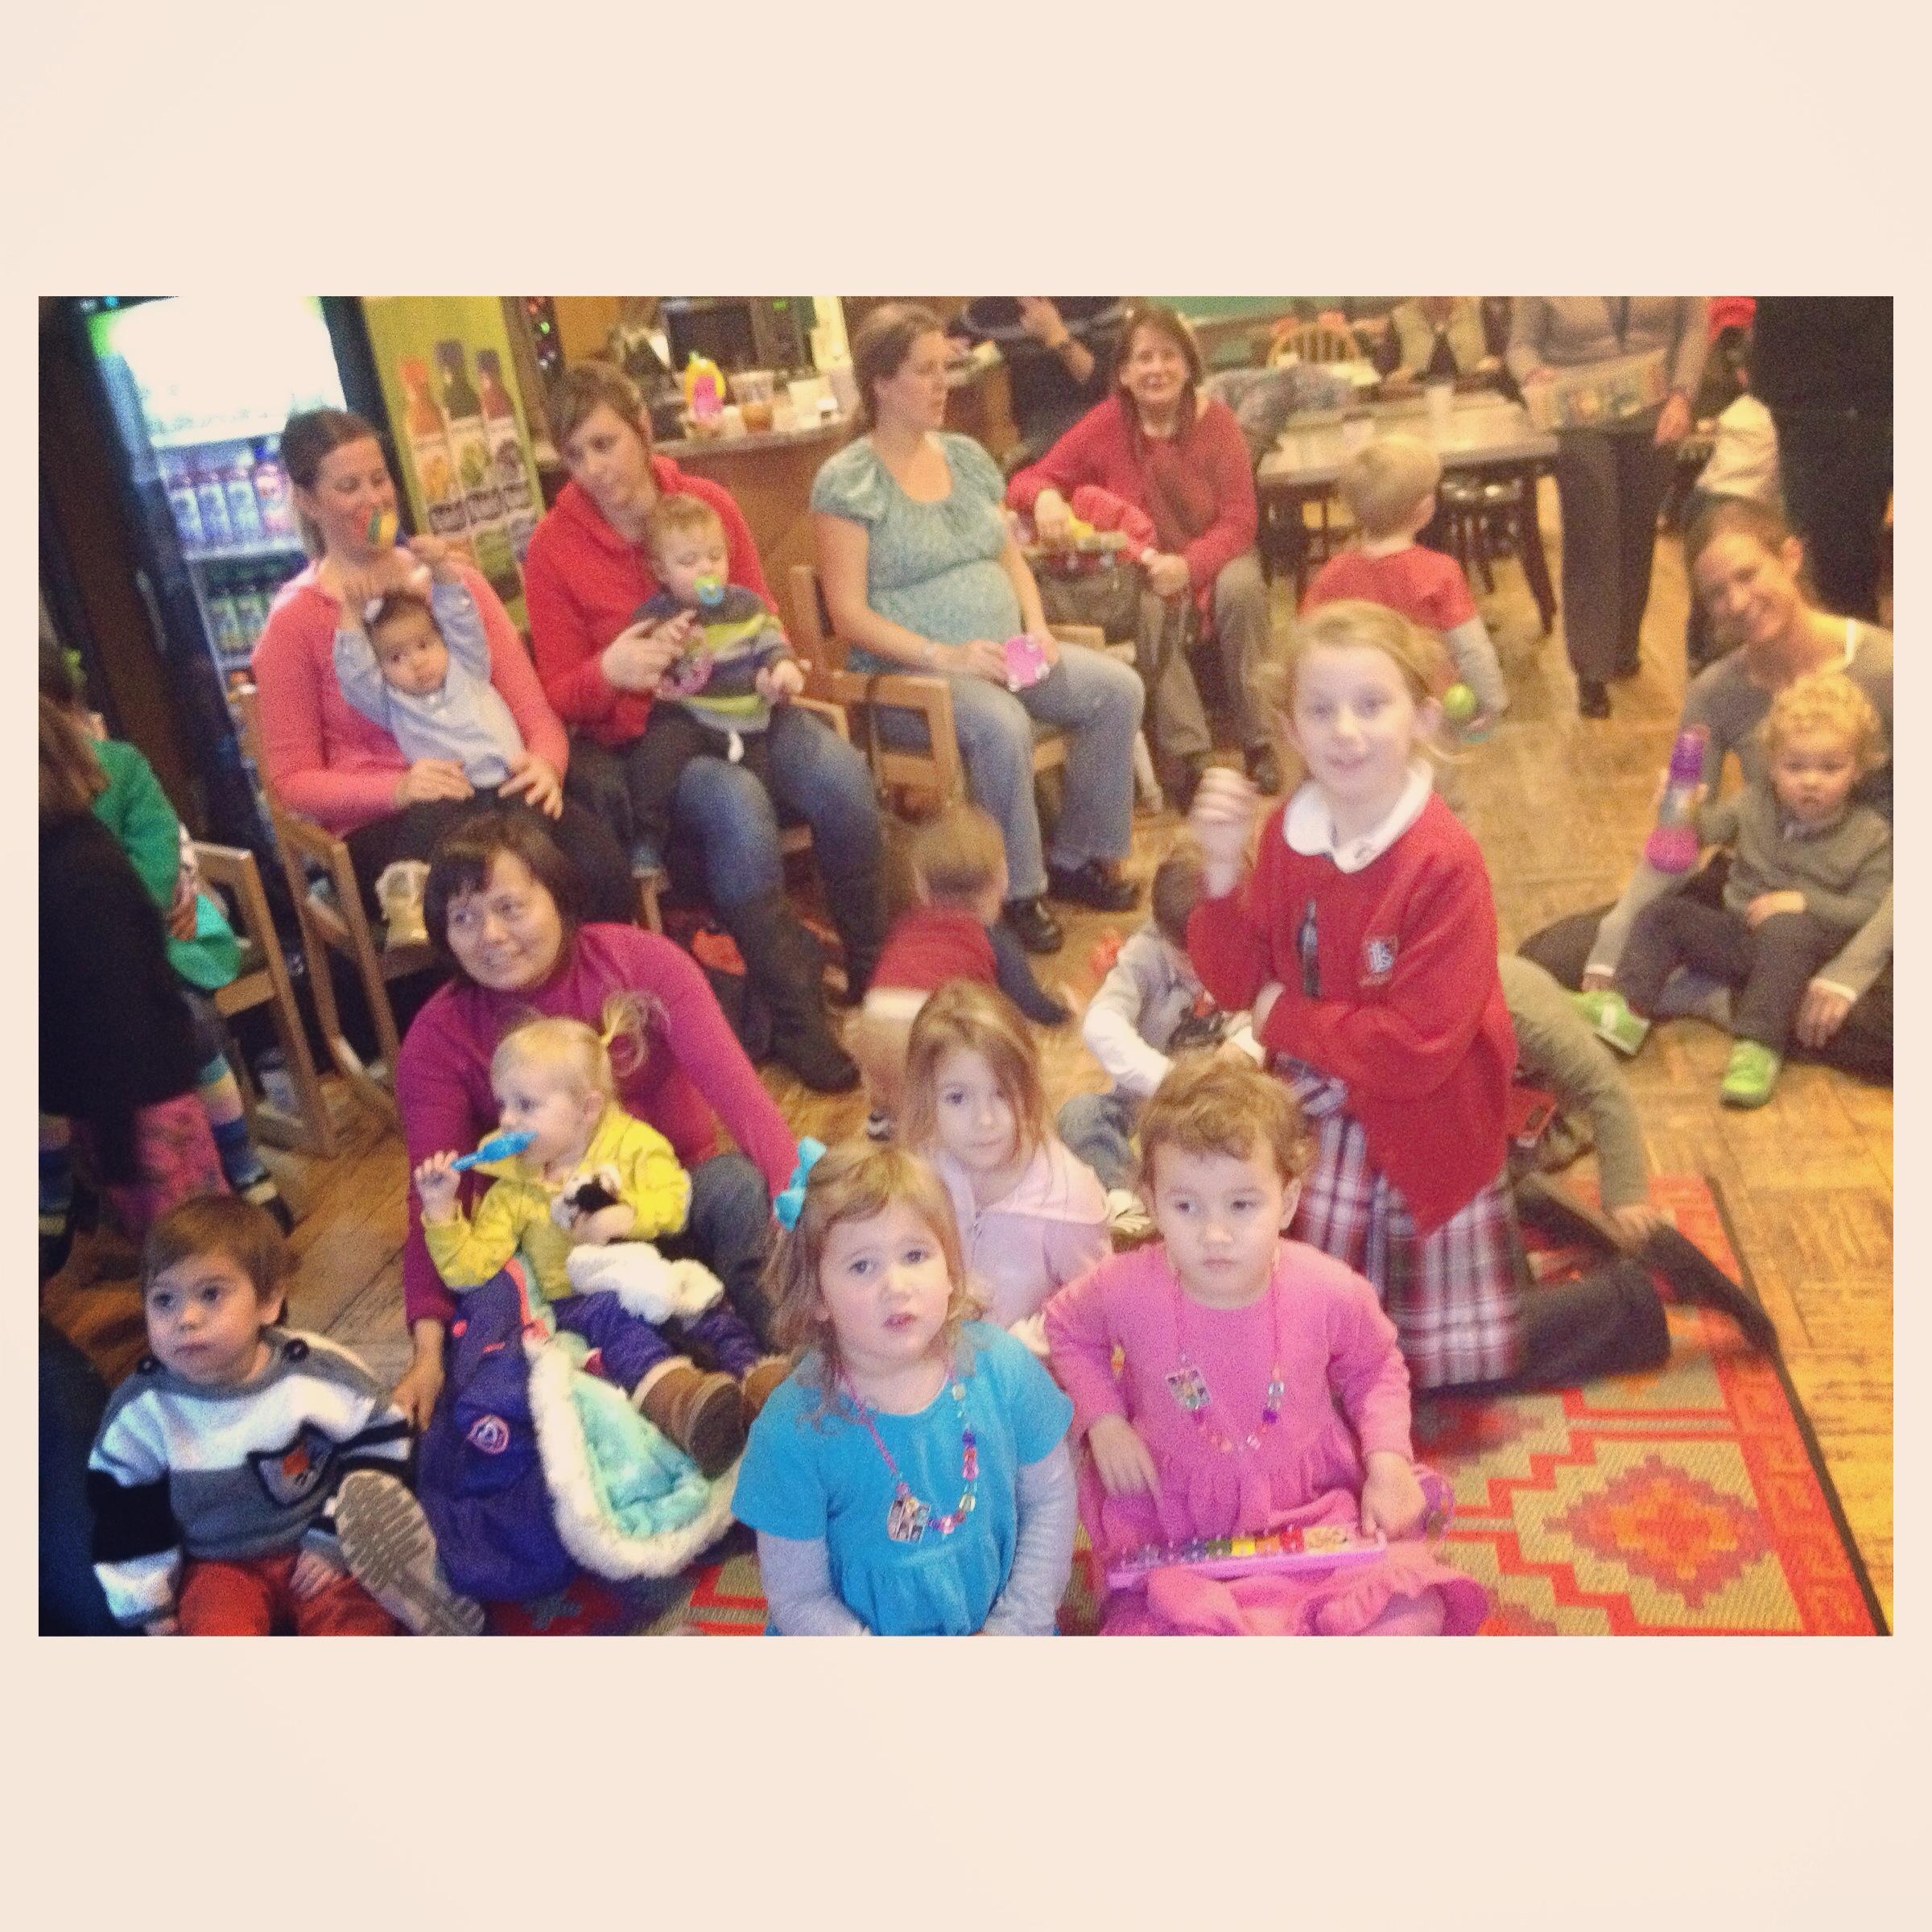 St. Elmo's December 2013